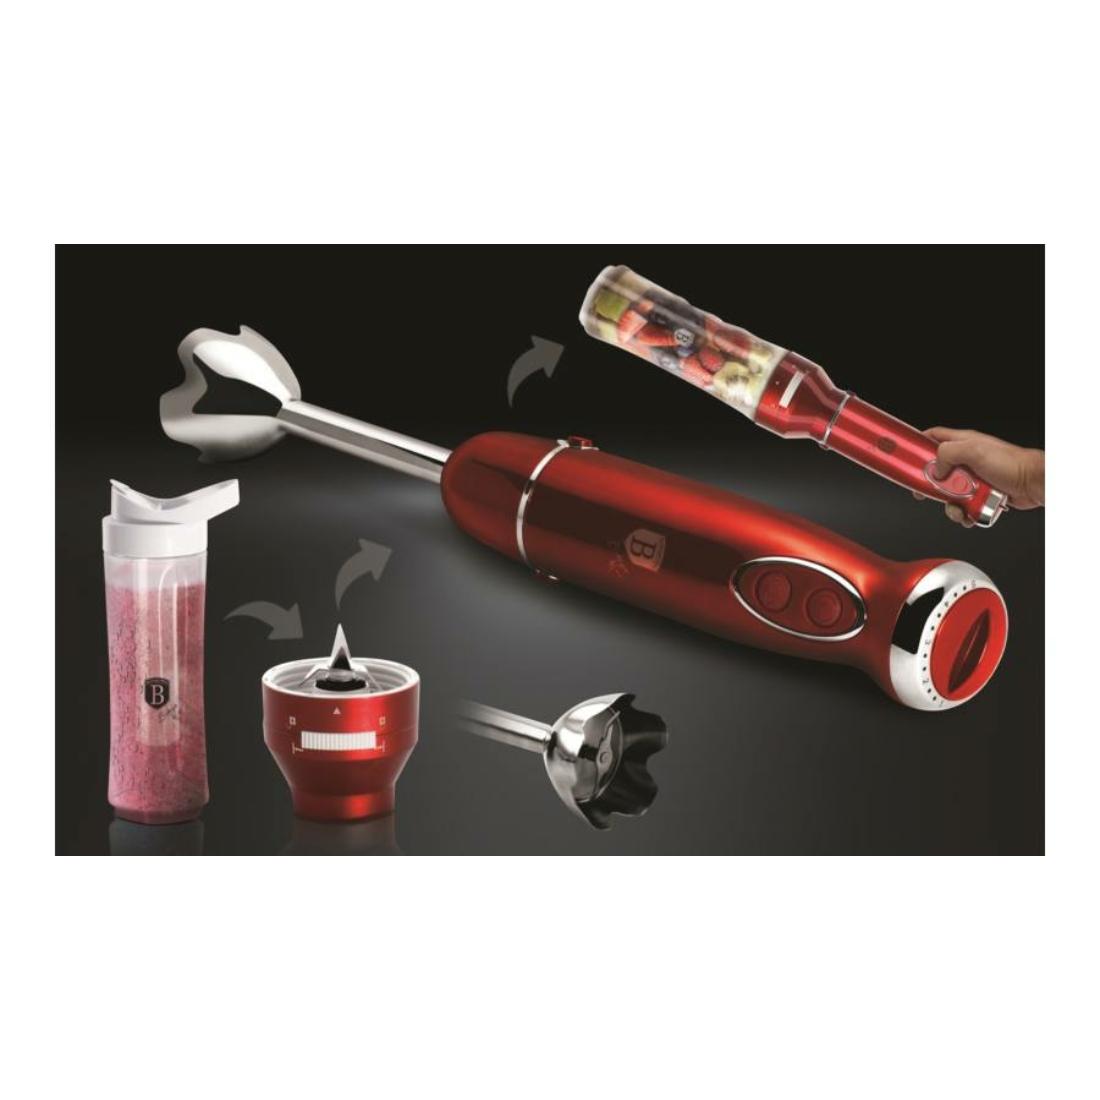 Berlinger Haus Botmixer készlet műanyag hordozható ivópalackkal, 600 W, burgundy